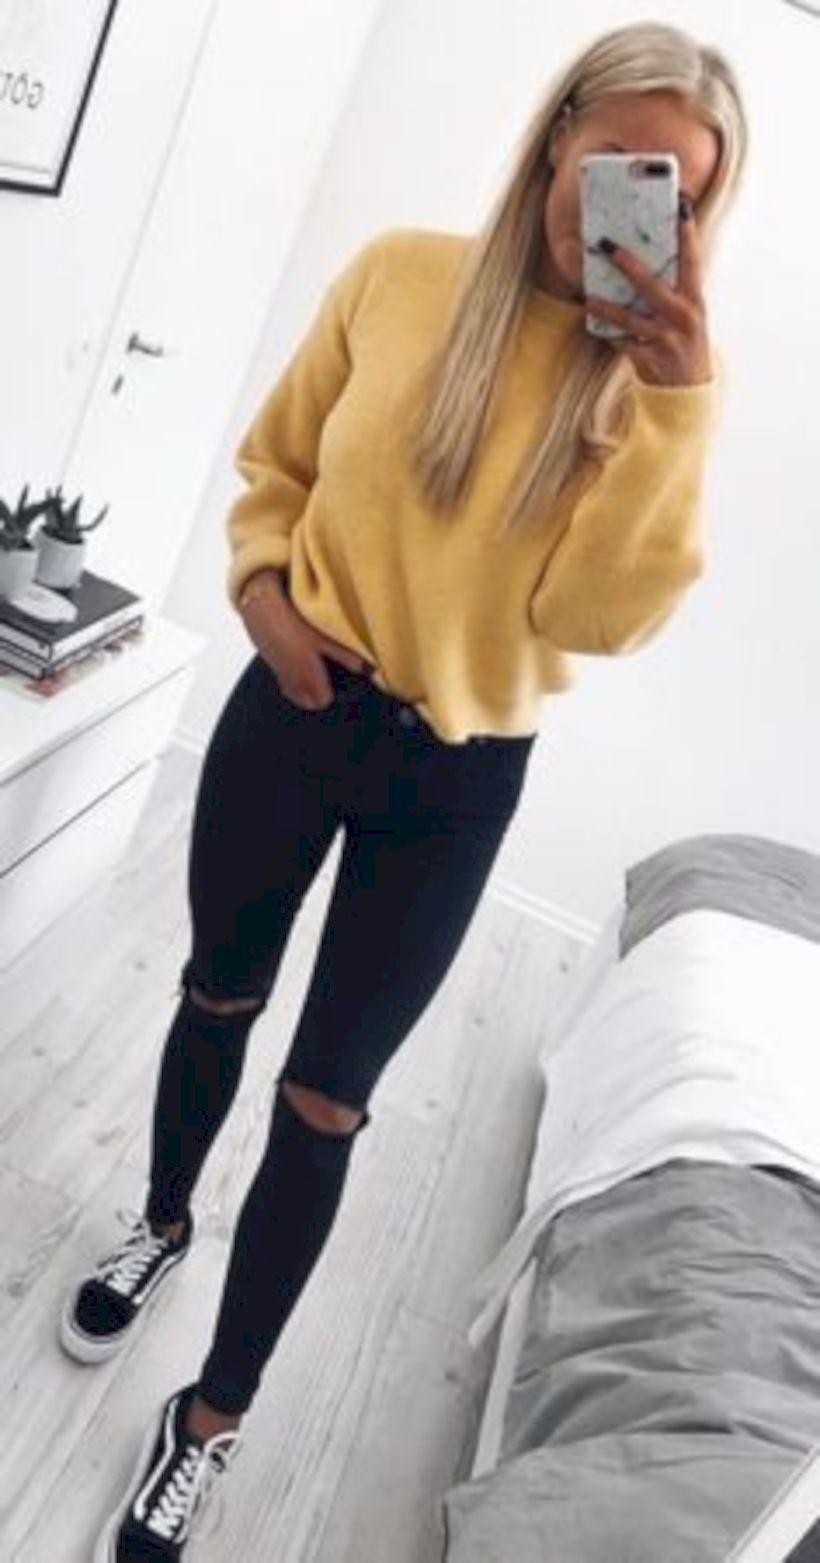 Épinglé par estelle sur 2019 outfit